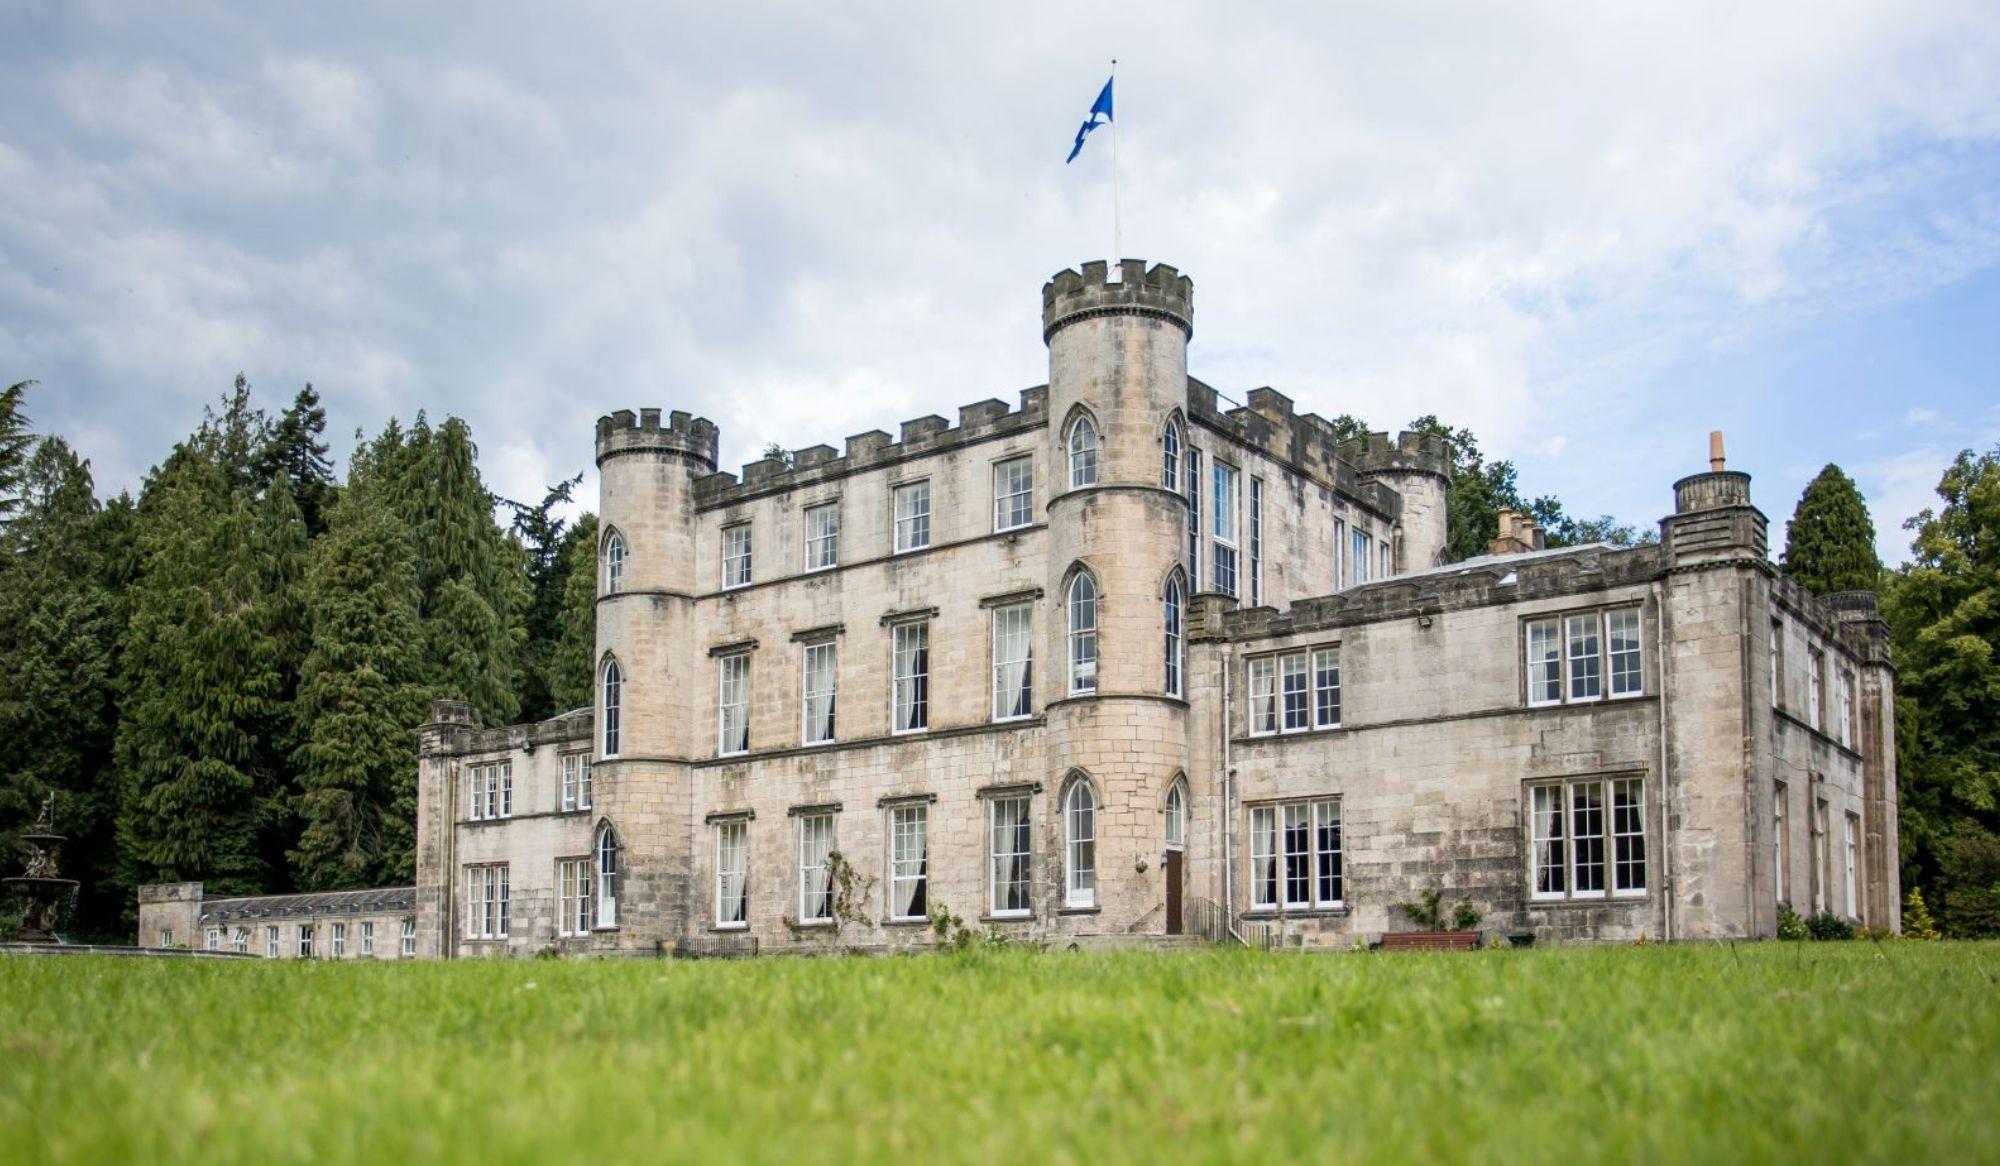 About Melville Castle